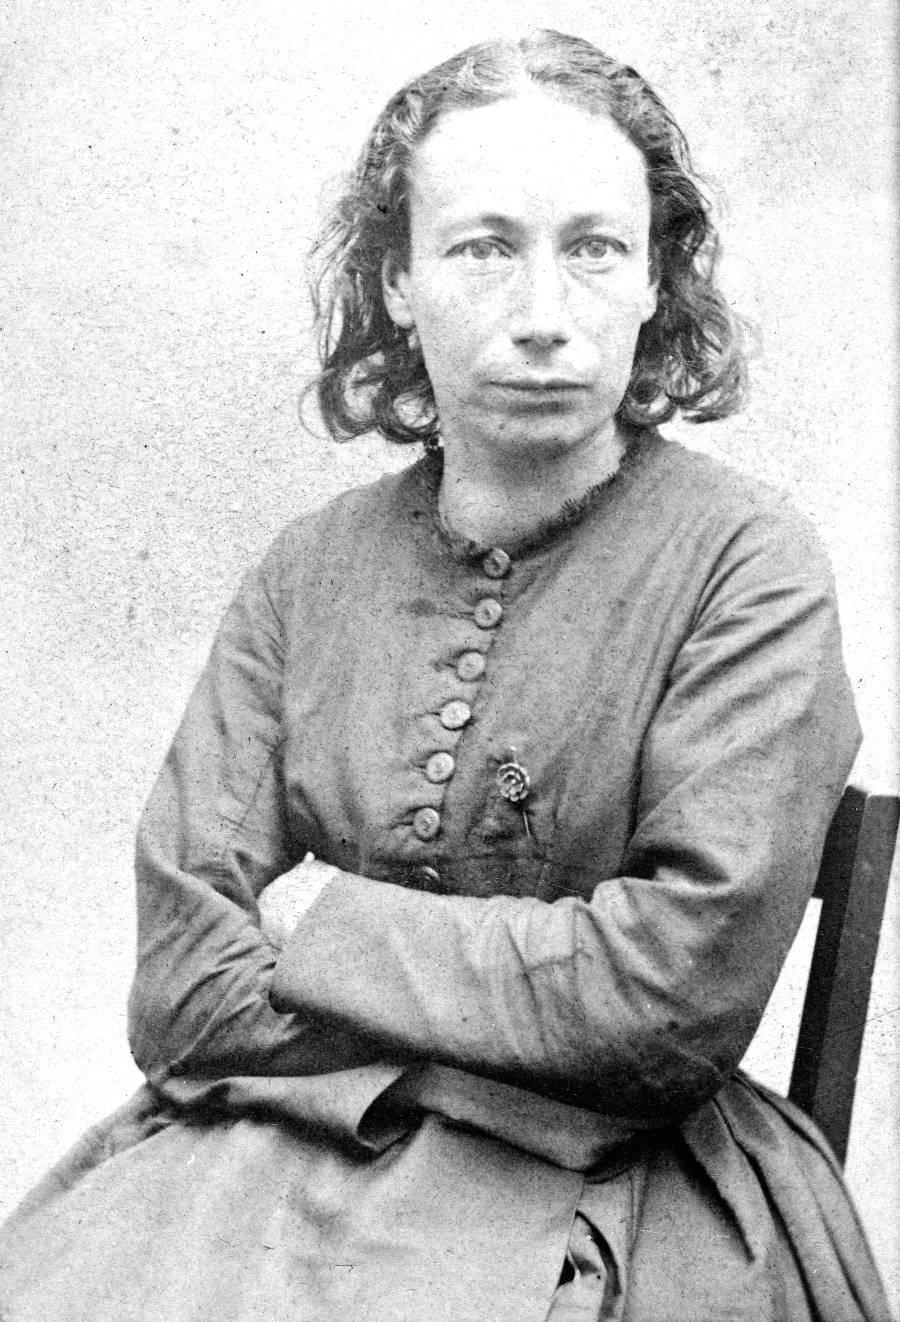 Portrait de Louise Michel (1830-1905), dite La Vierge rouge, institutrice et garde nationale pendant la Commune de 1871.